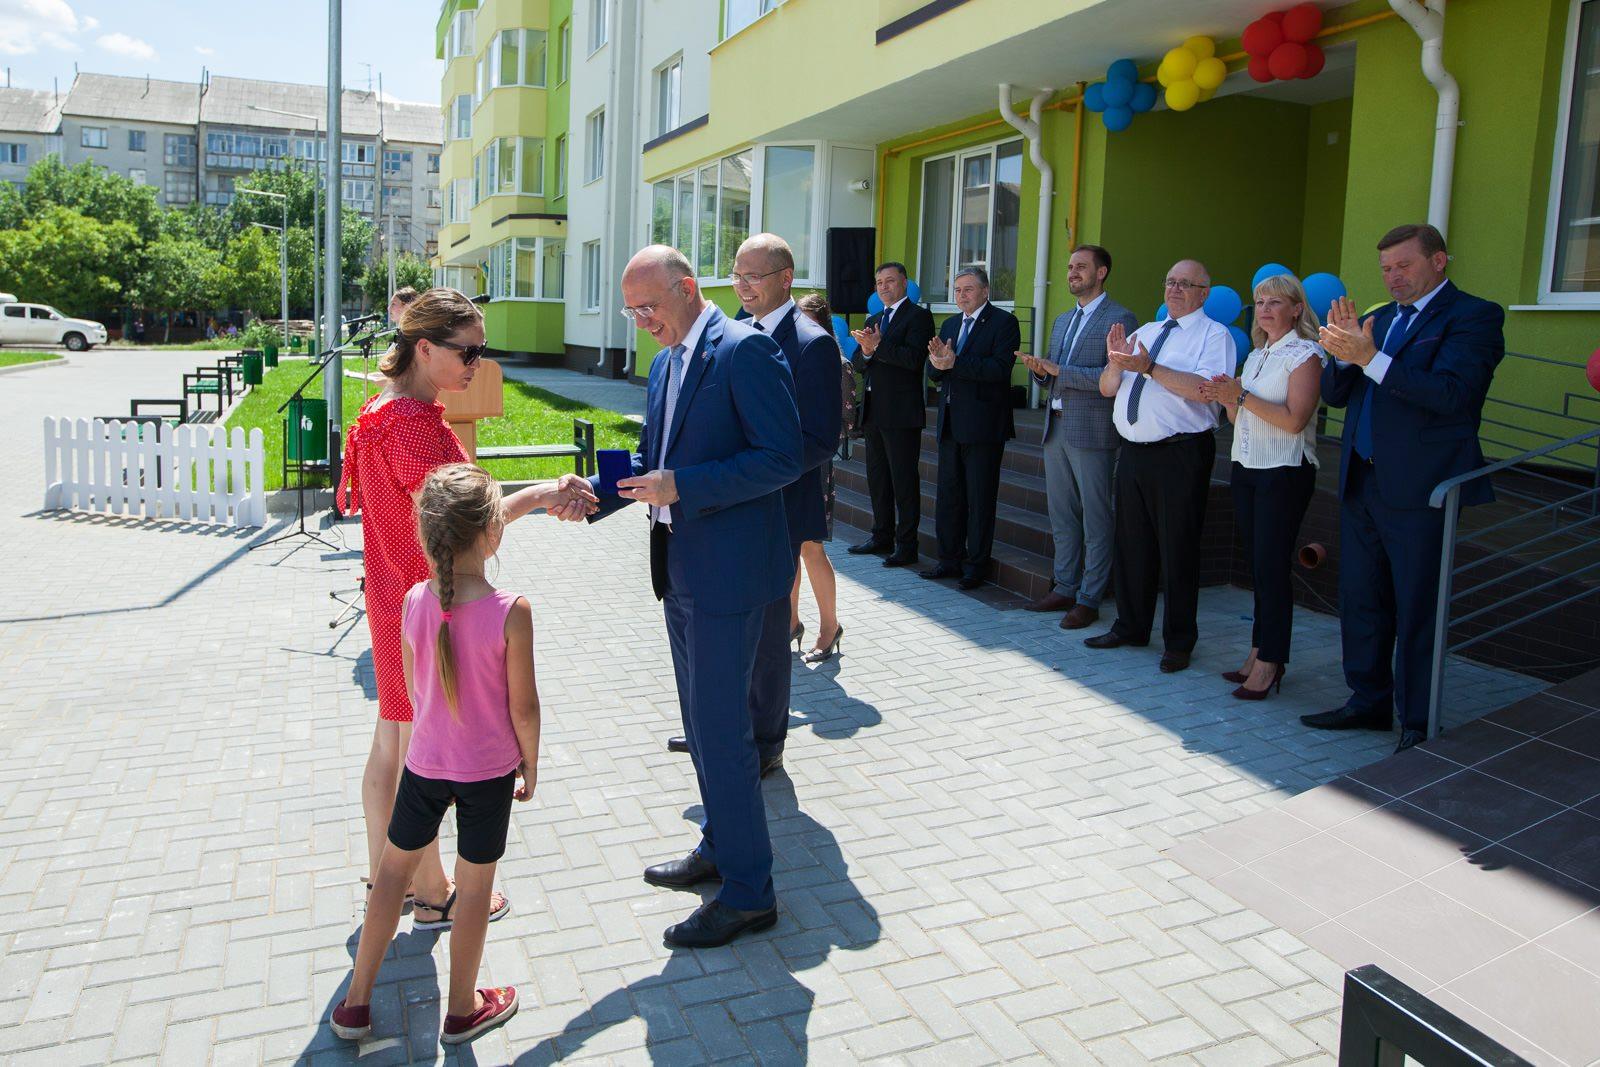 Circa 1700 de persoane și familii cu venituri mici au beneficiat de locuințe sociale, în ultimii 5 ani, anunță Pavel Filip, pdm fapte nu vorbe, partidul democrat din moldova, reforme plahotniuc